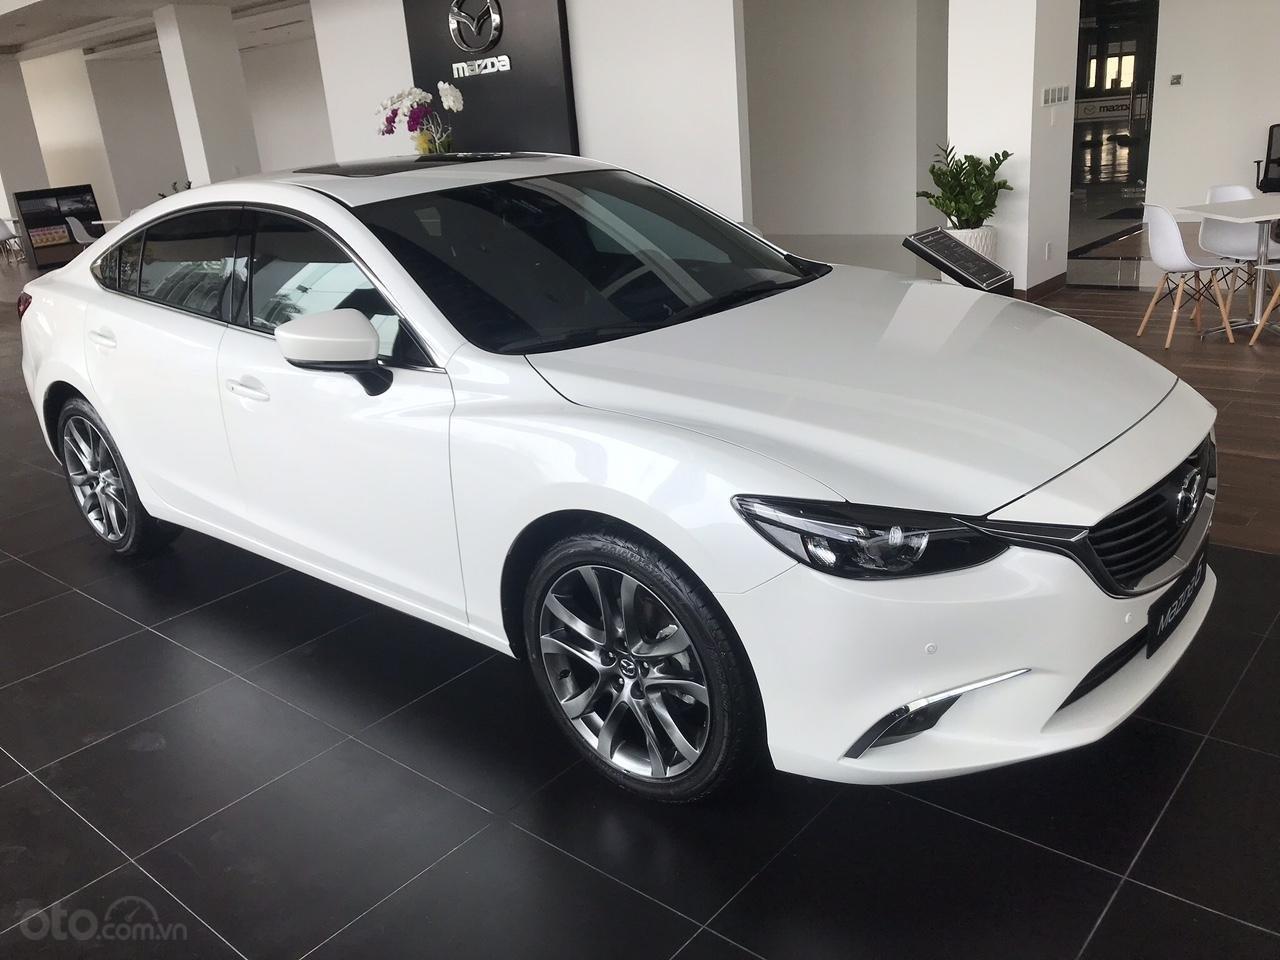 Thông số kỹ thuật xe Mazda 6 2020 mới nhất tại Việt Nam